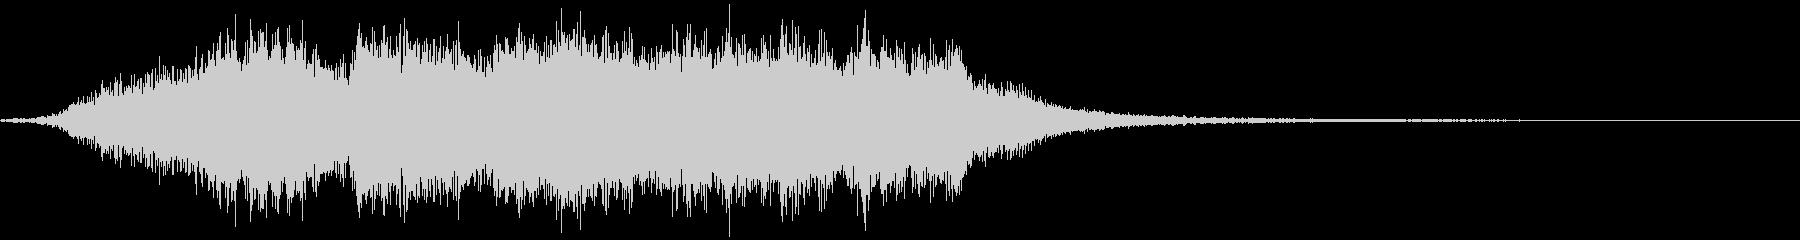 ゲームで使える勝利のオーケストラジングルの未再生の波形